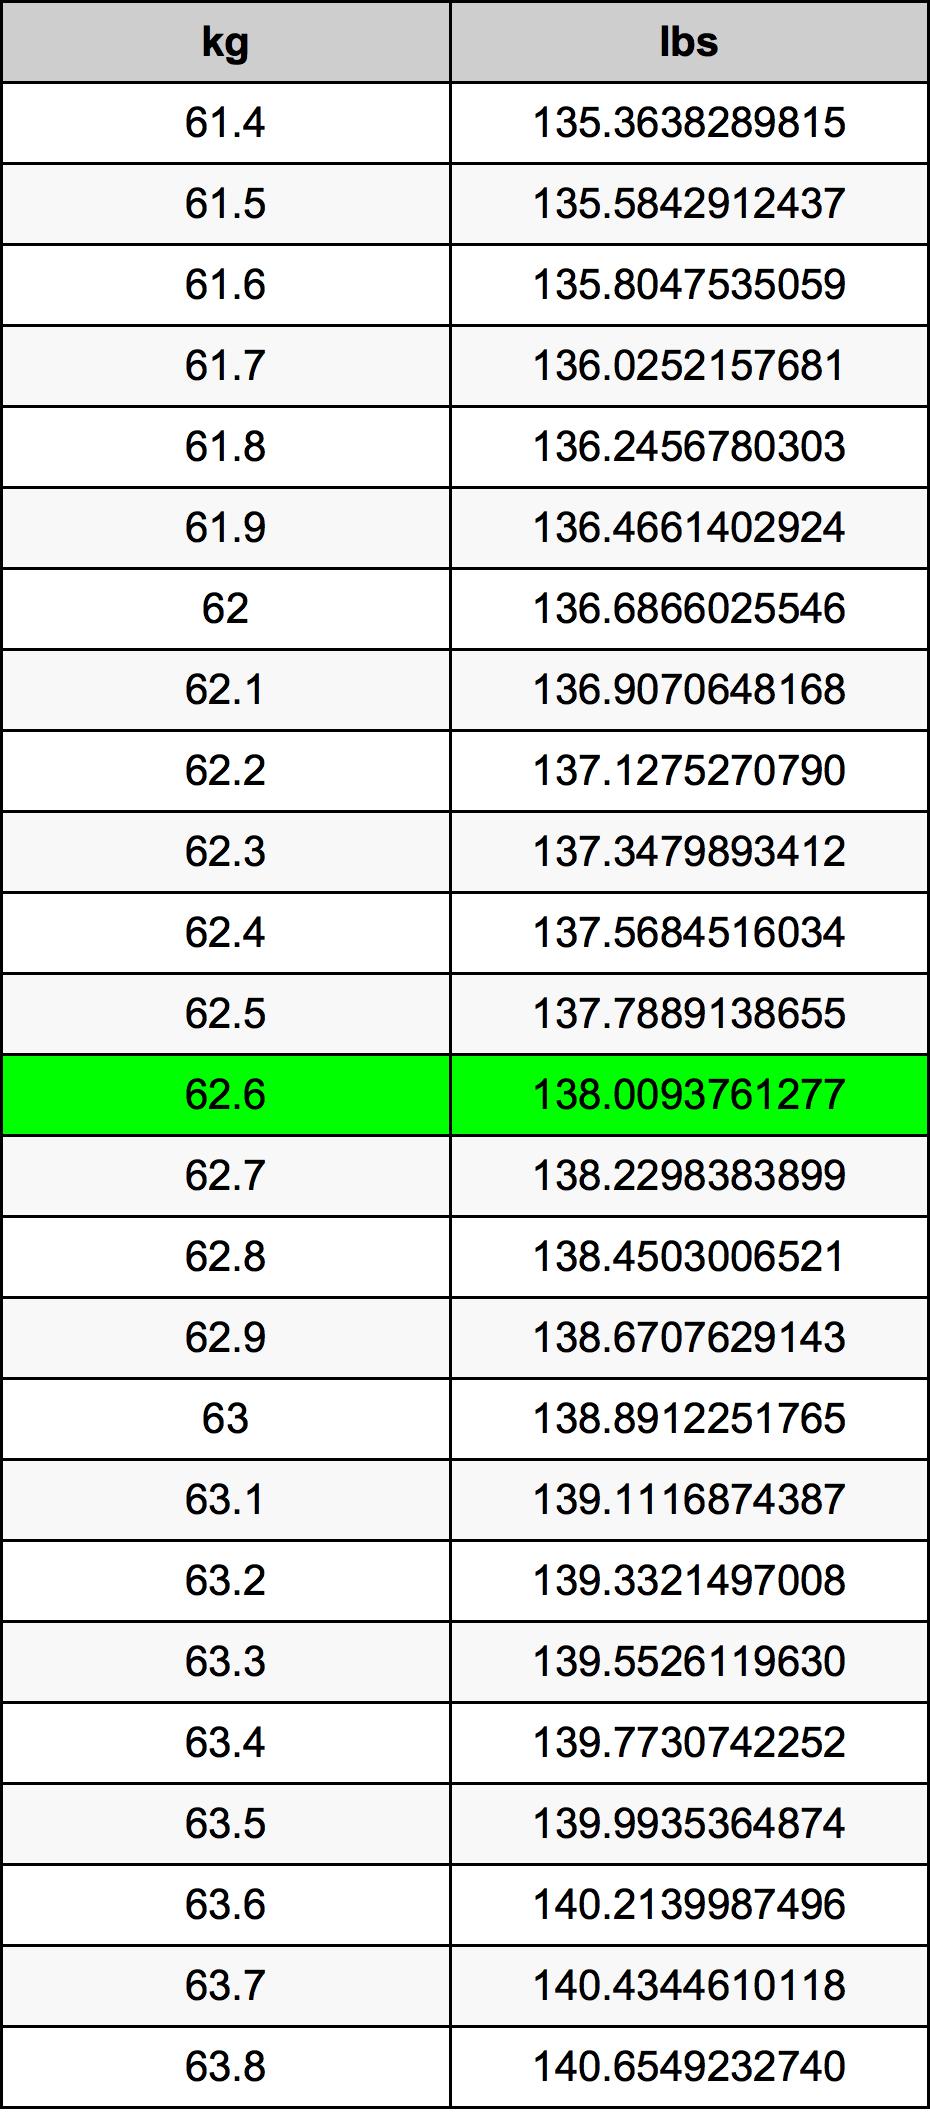 62.6 Kilogramo Tabla de conversión